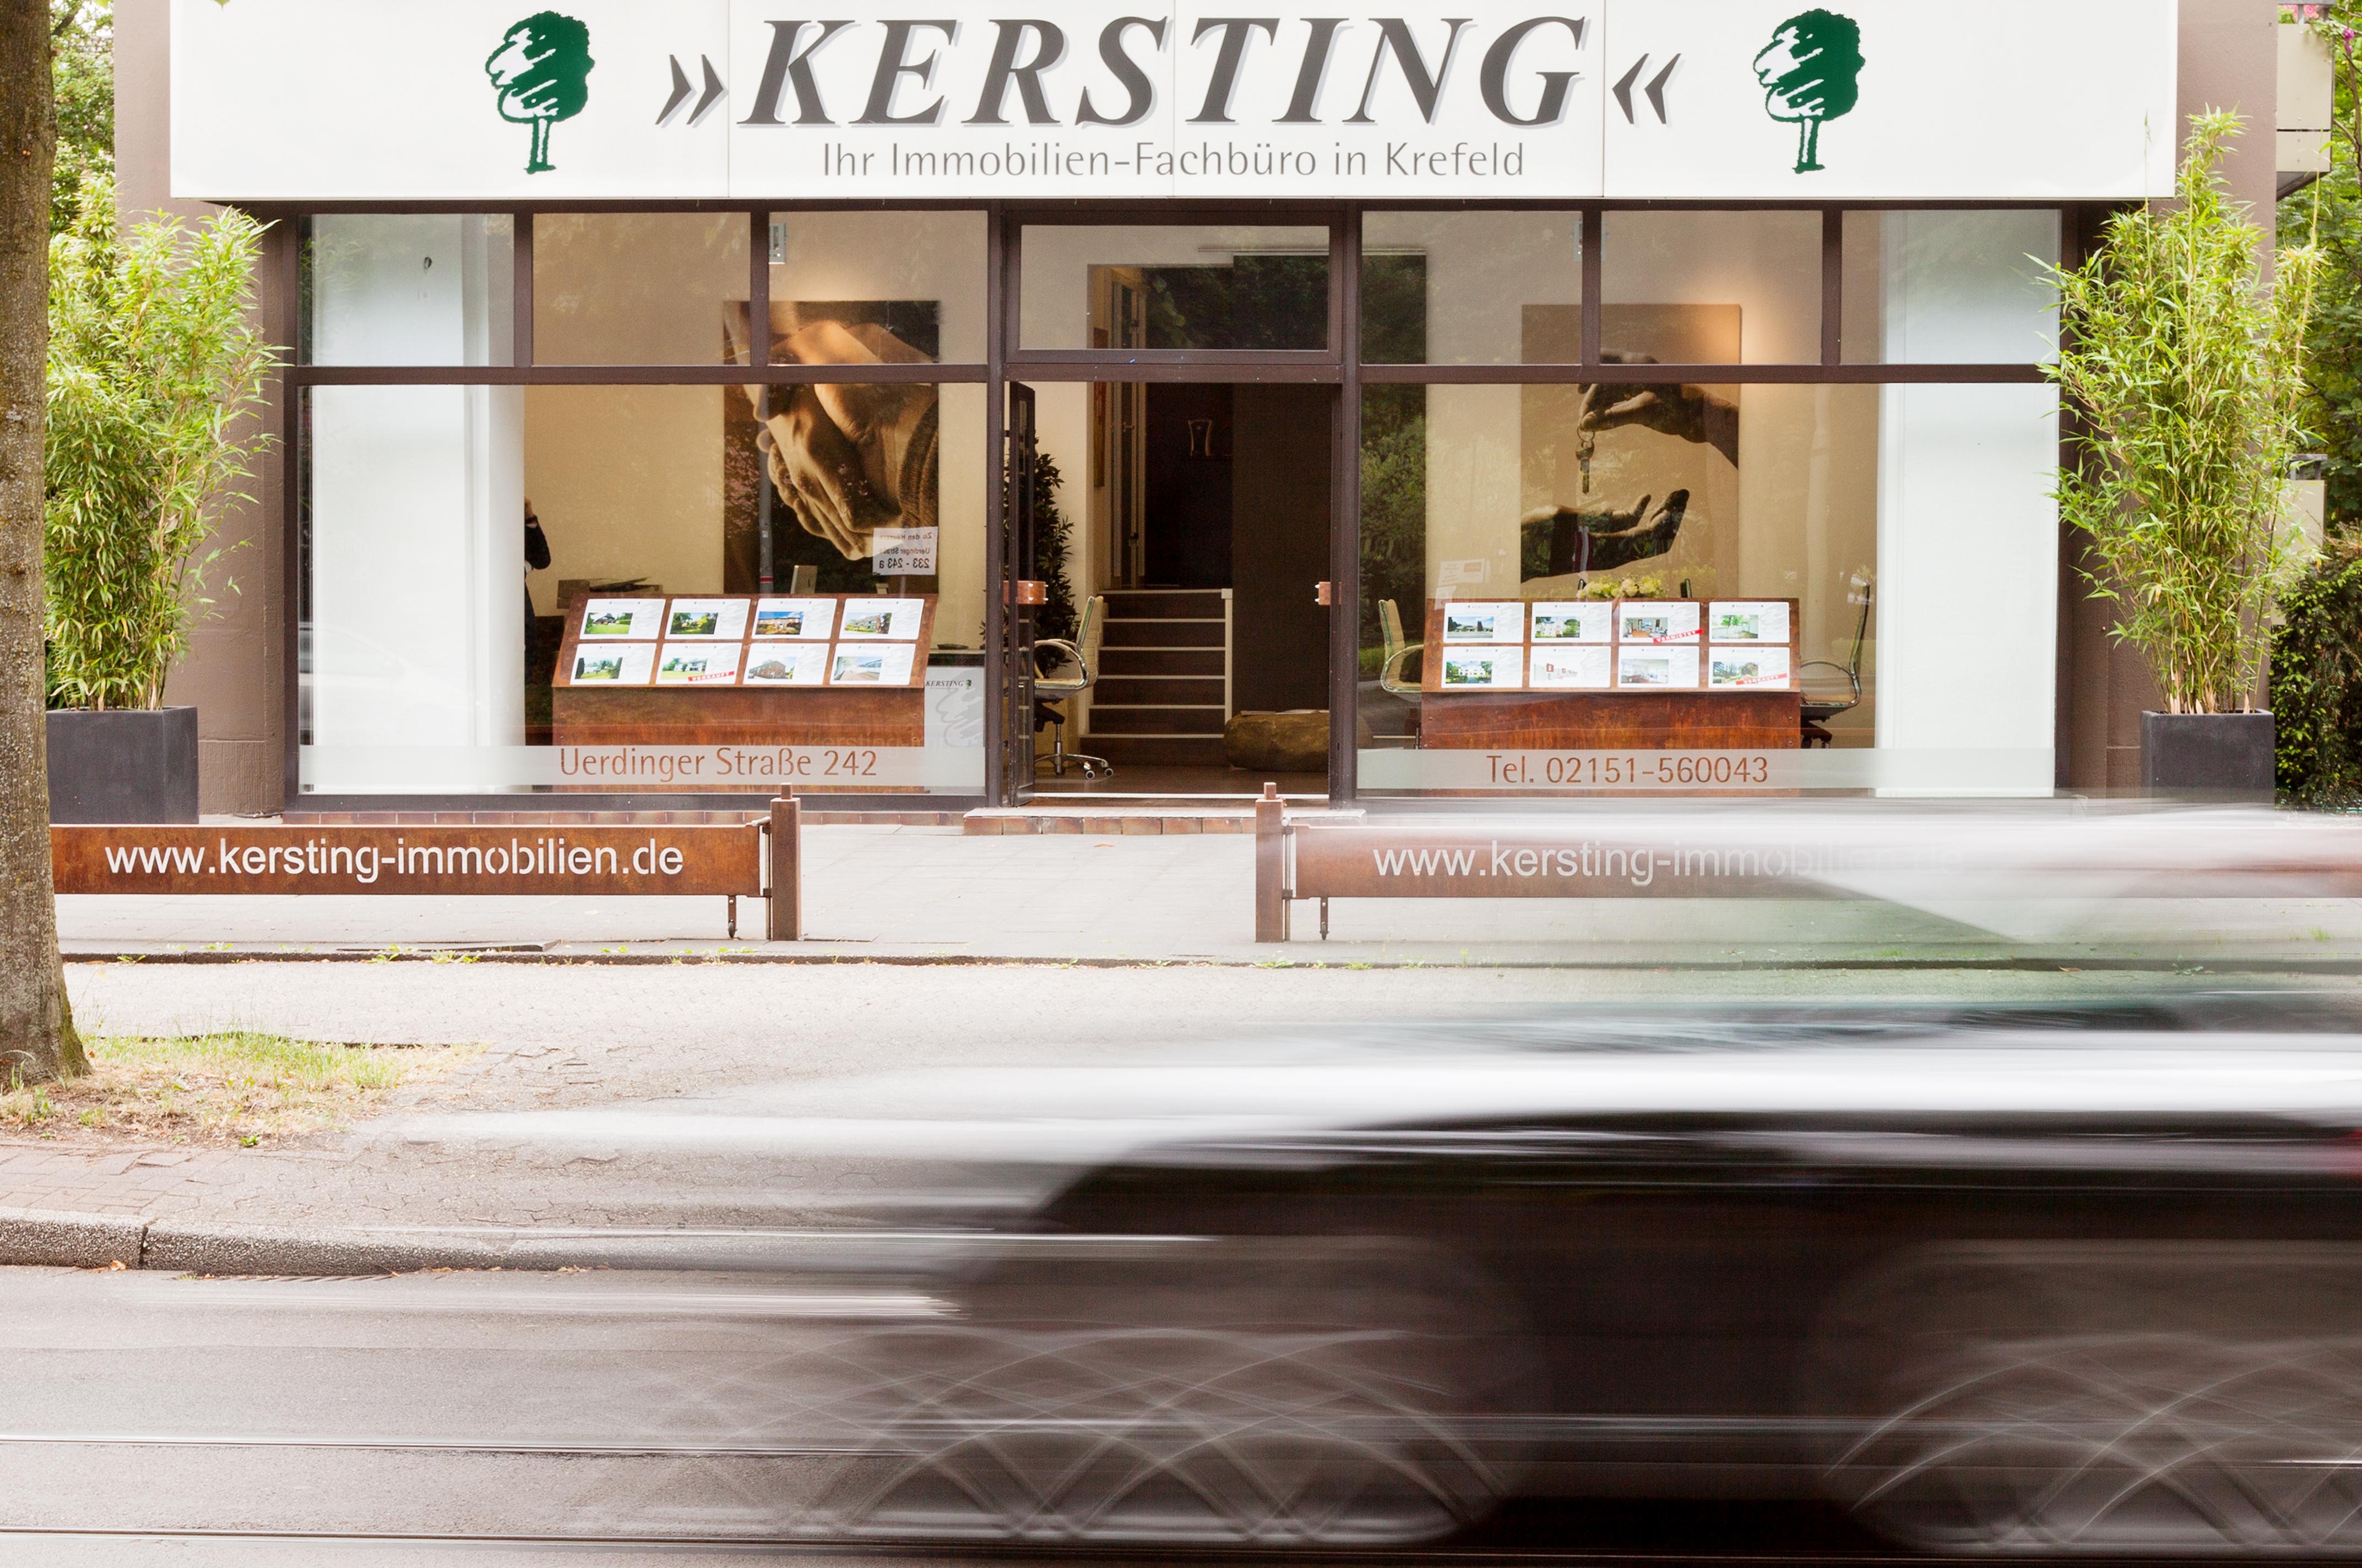 """""""Langsames Erwachen"""" - Krefeld hat es nun auf eine volle Seite in der FAZ am Sonntag geschafft!"""